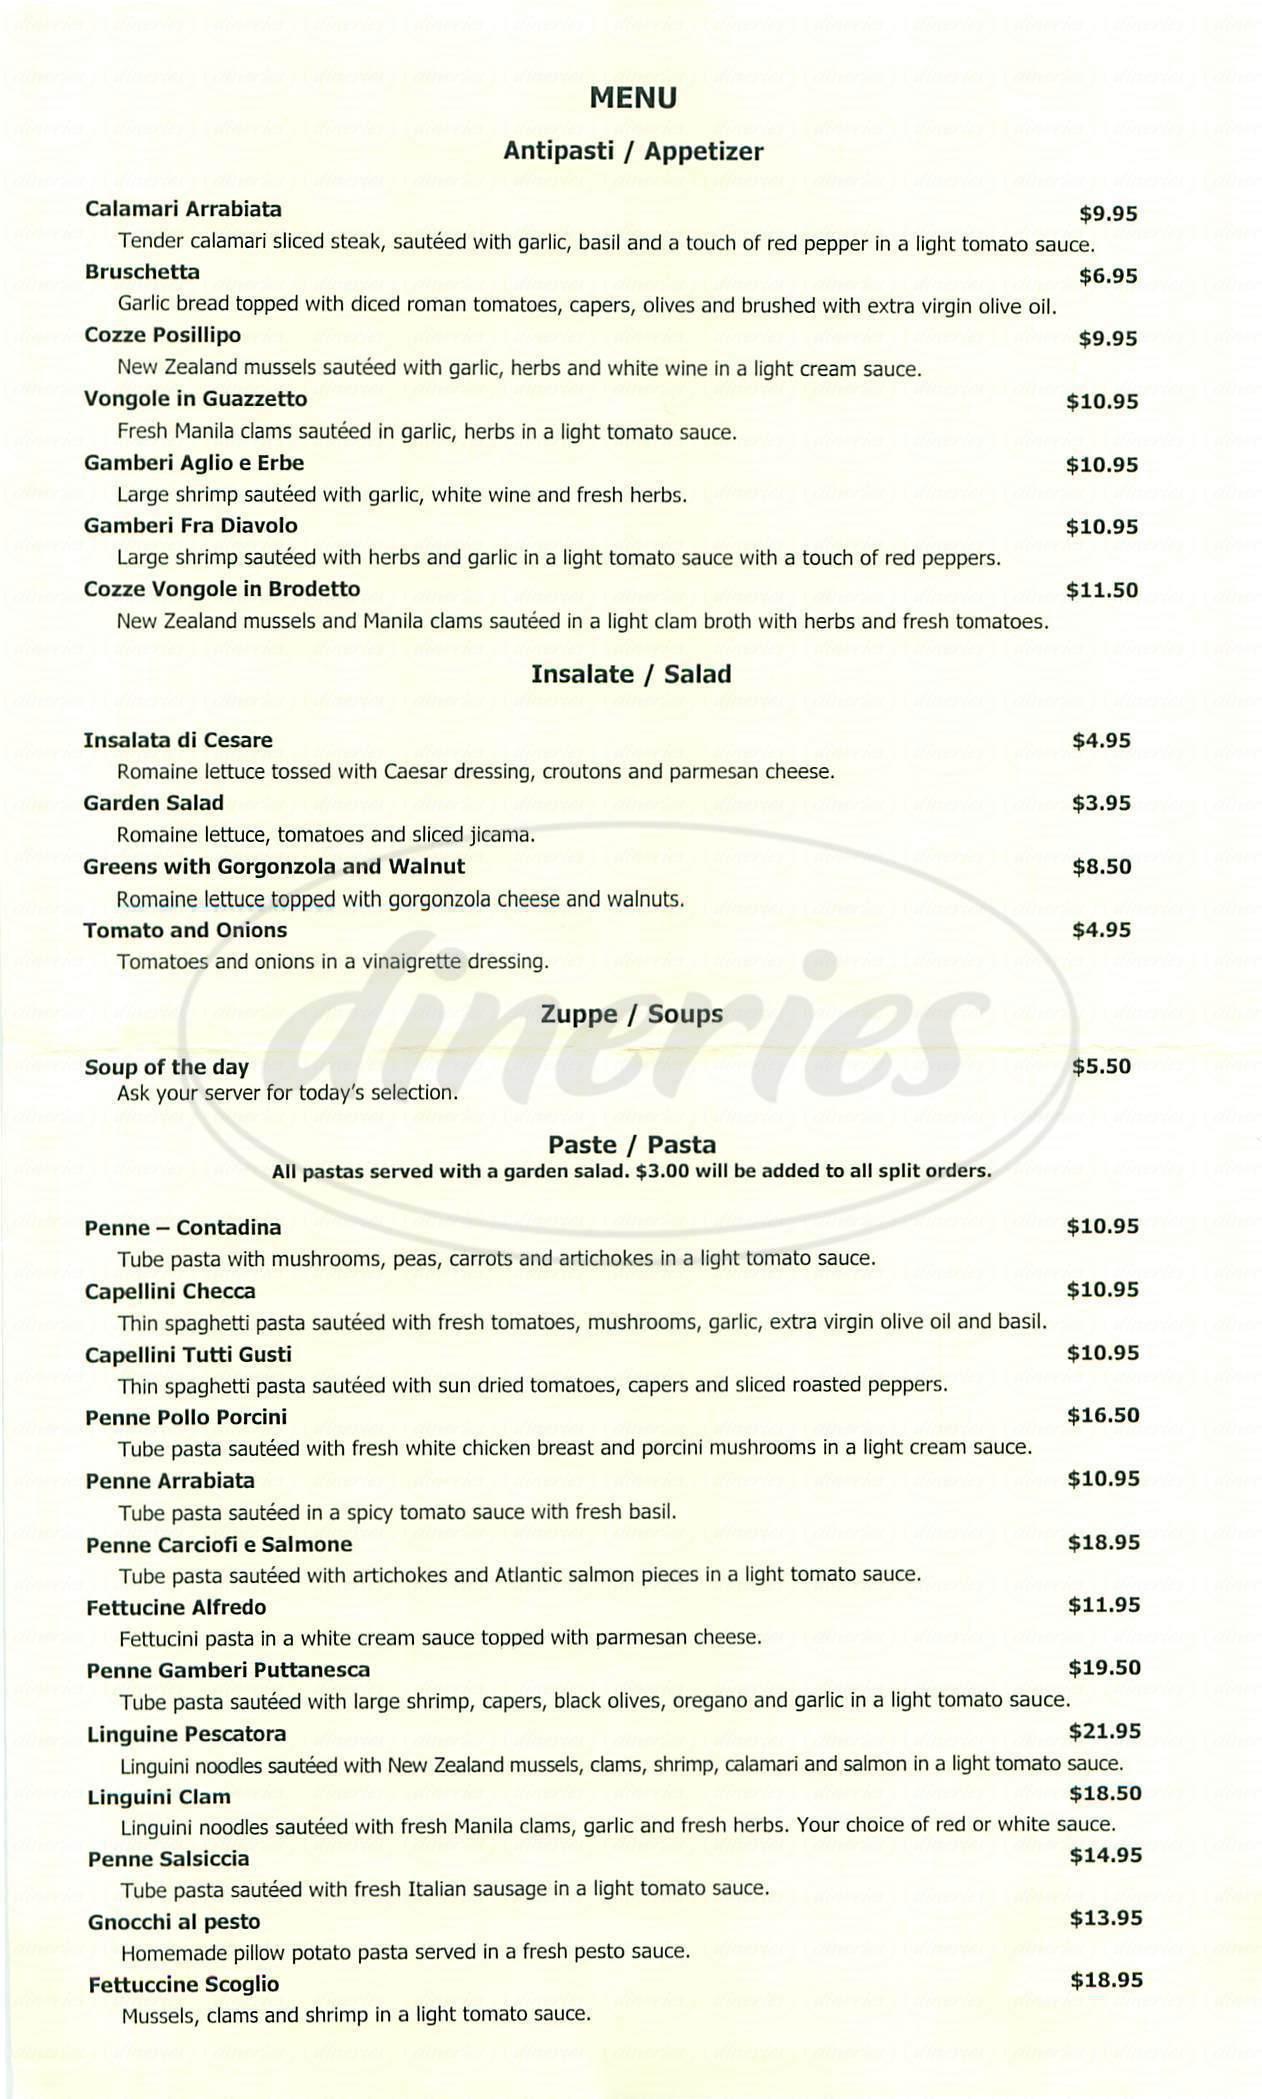 menu for Paolo's Ristorante